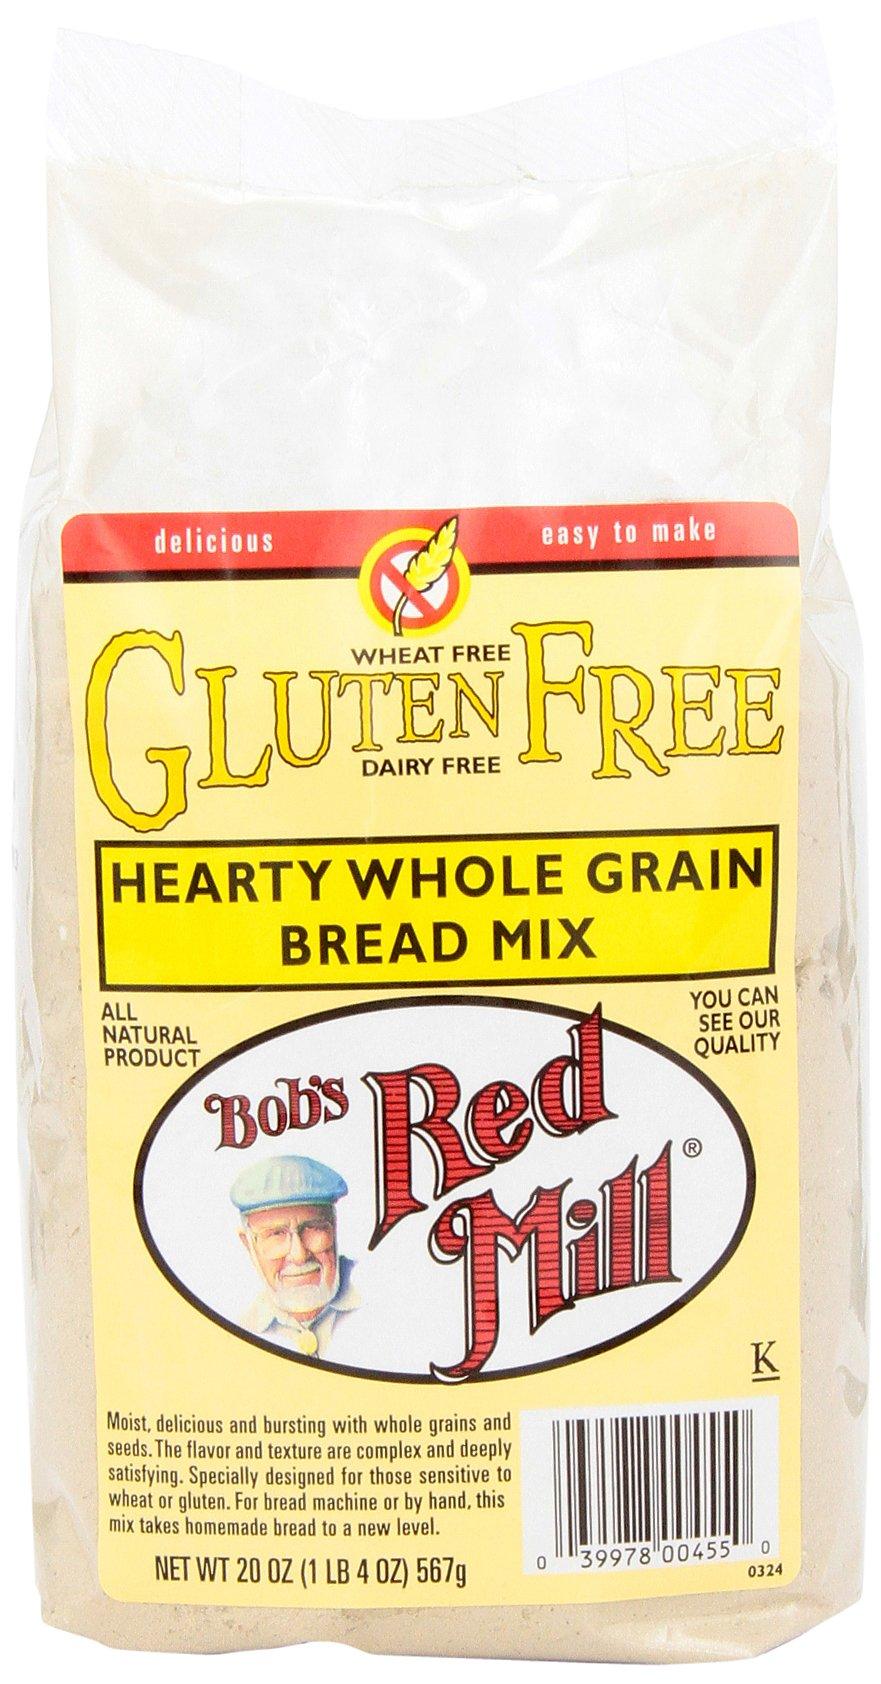 Bob's Red Mill, Whole Grain Hearty Bread Mix, 20 oz